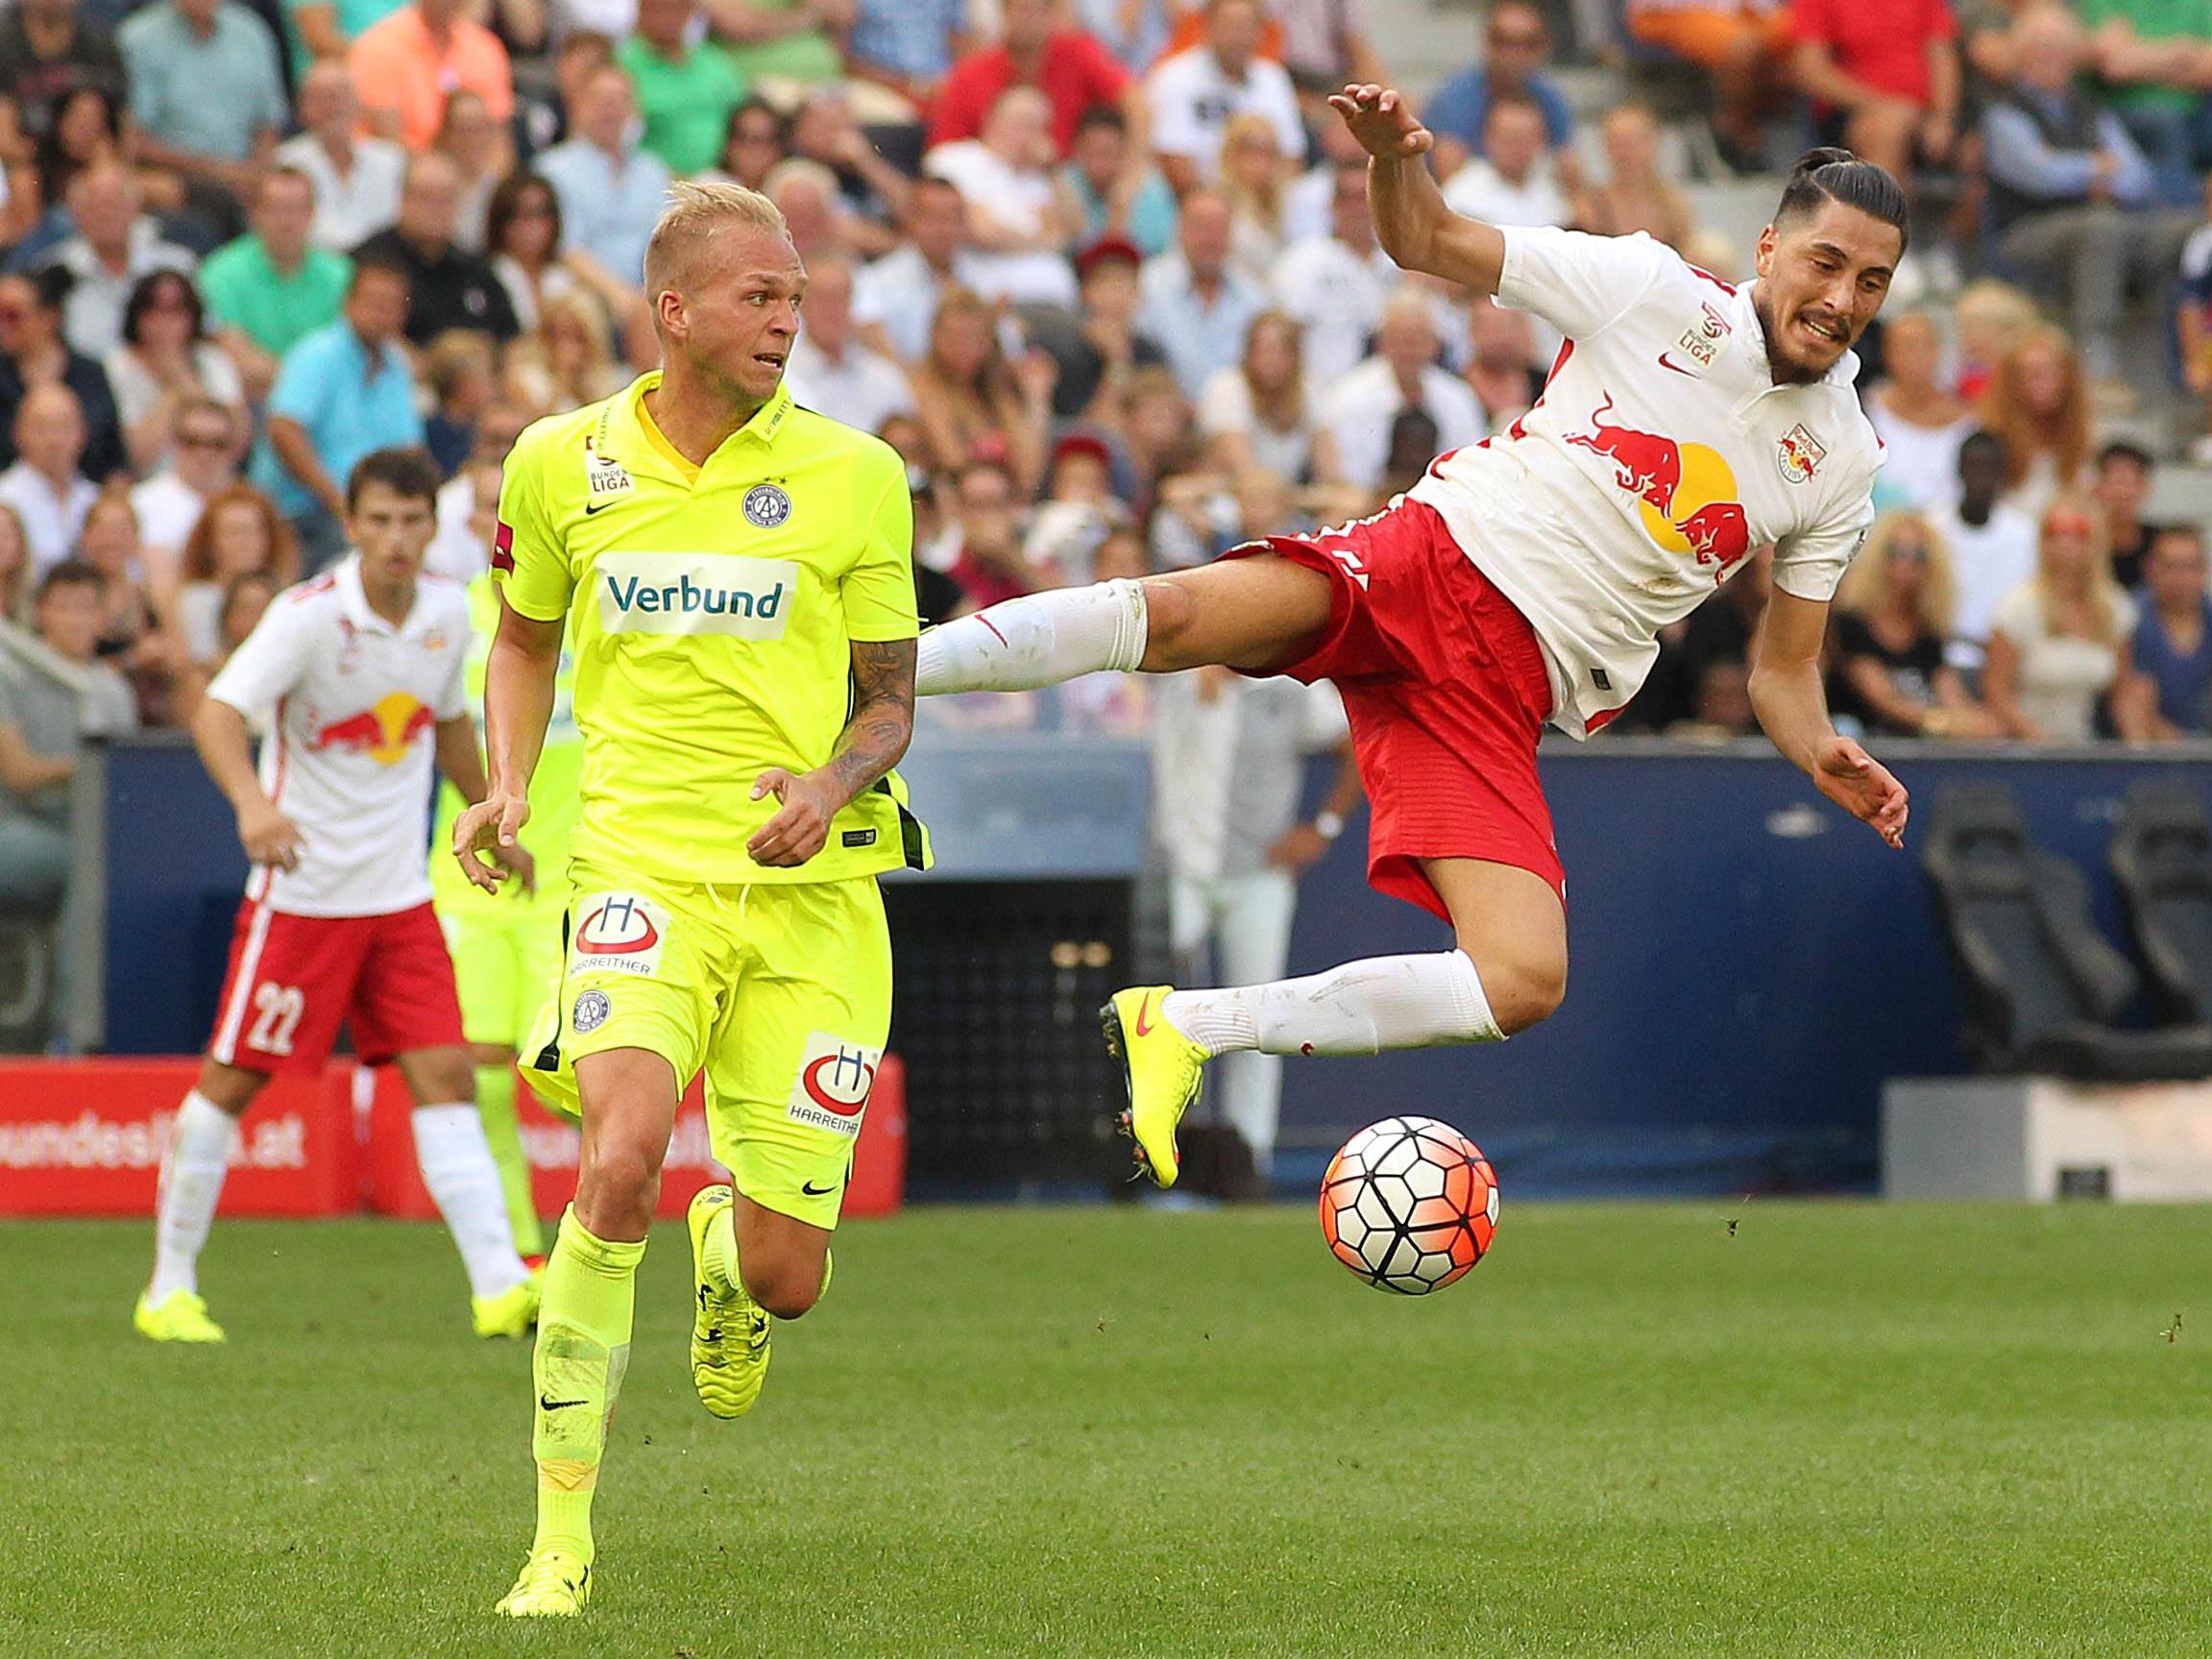 LIVE-Ticker zum Spiel FK Austria Wien gegen Red Bull Salzburg ab 16.00 Uhr.